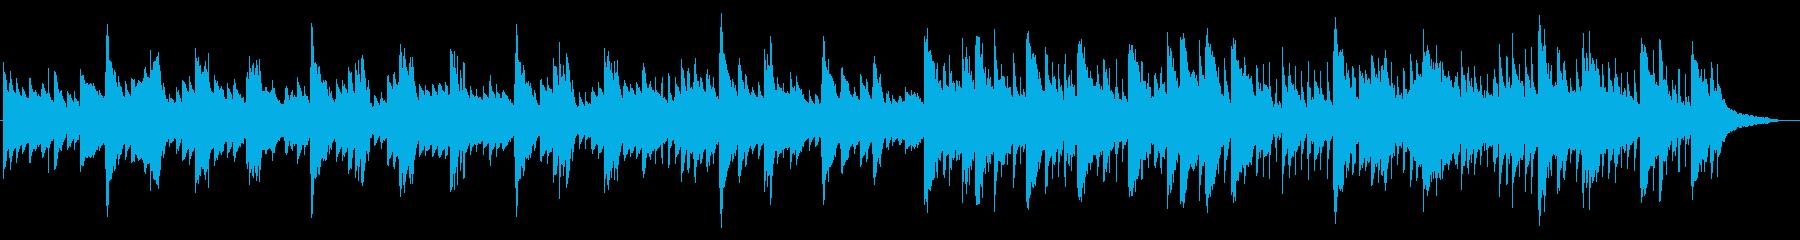 シェーカー抜】夕方~日没、ゆったりした曲の再生済みの波形